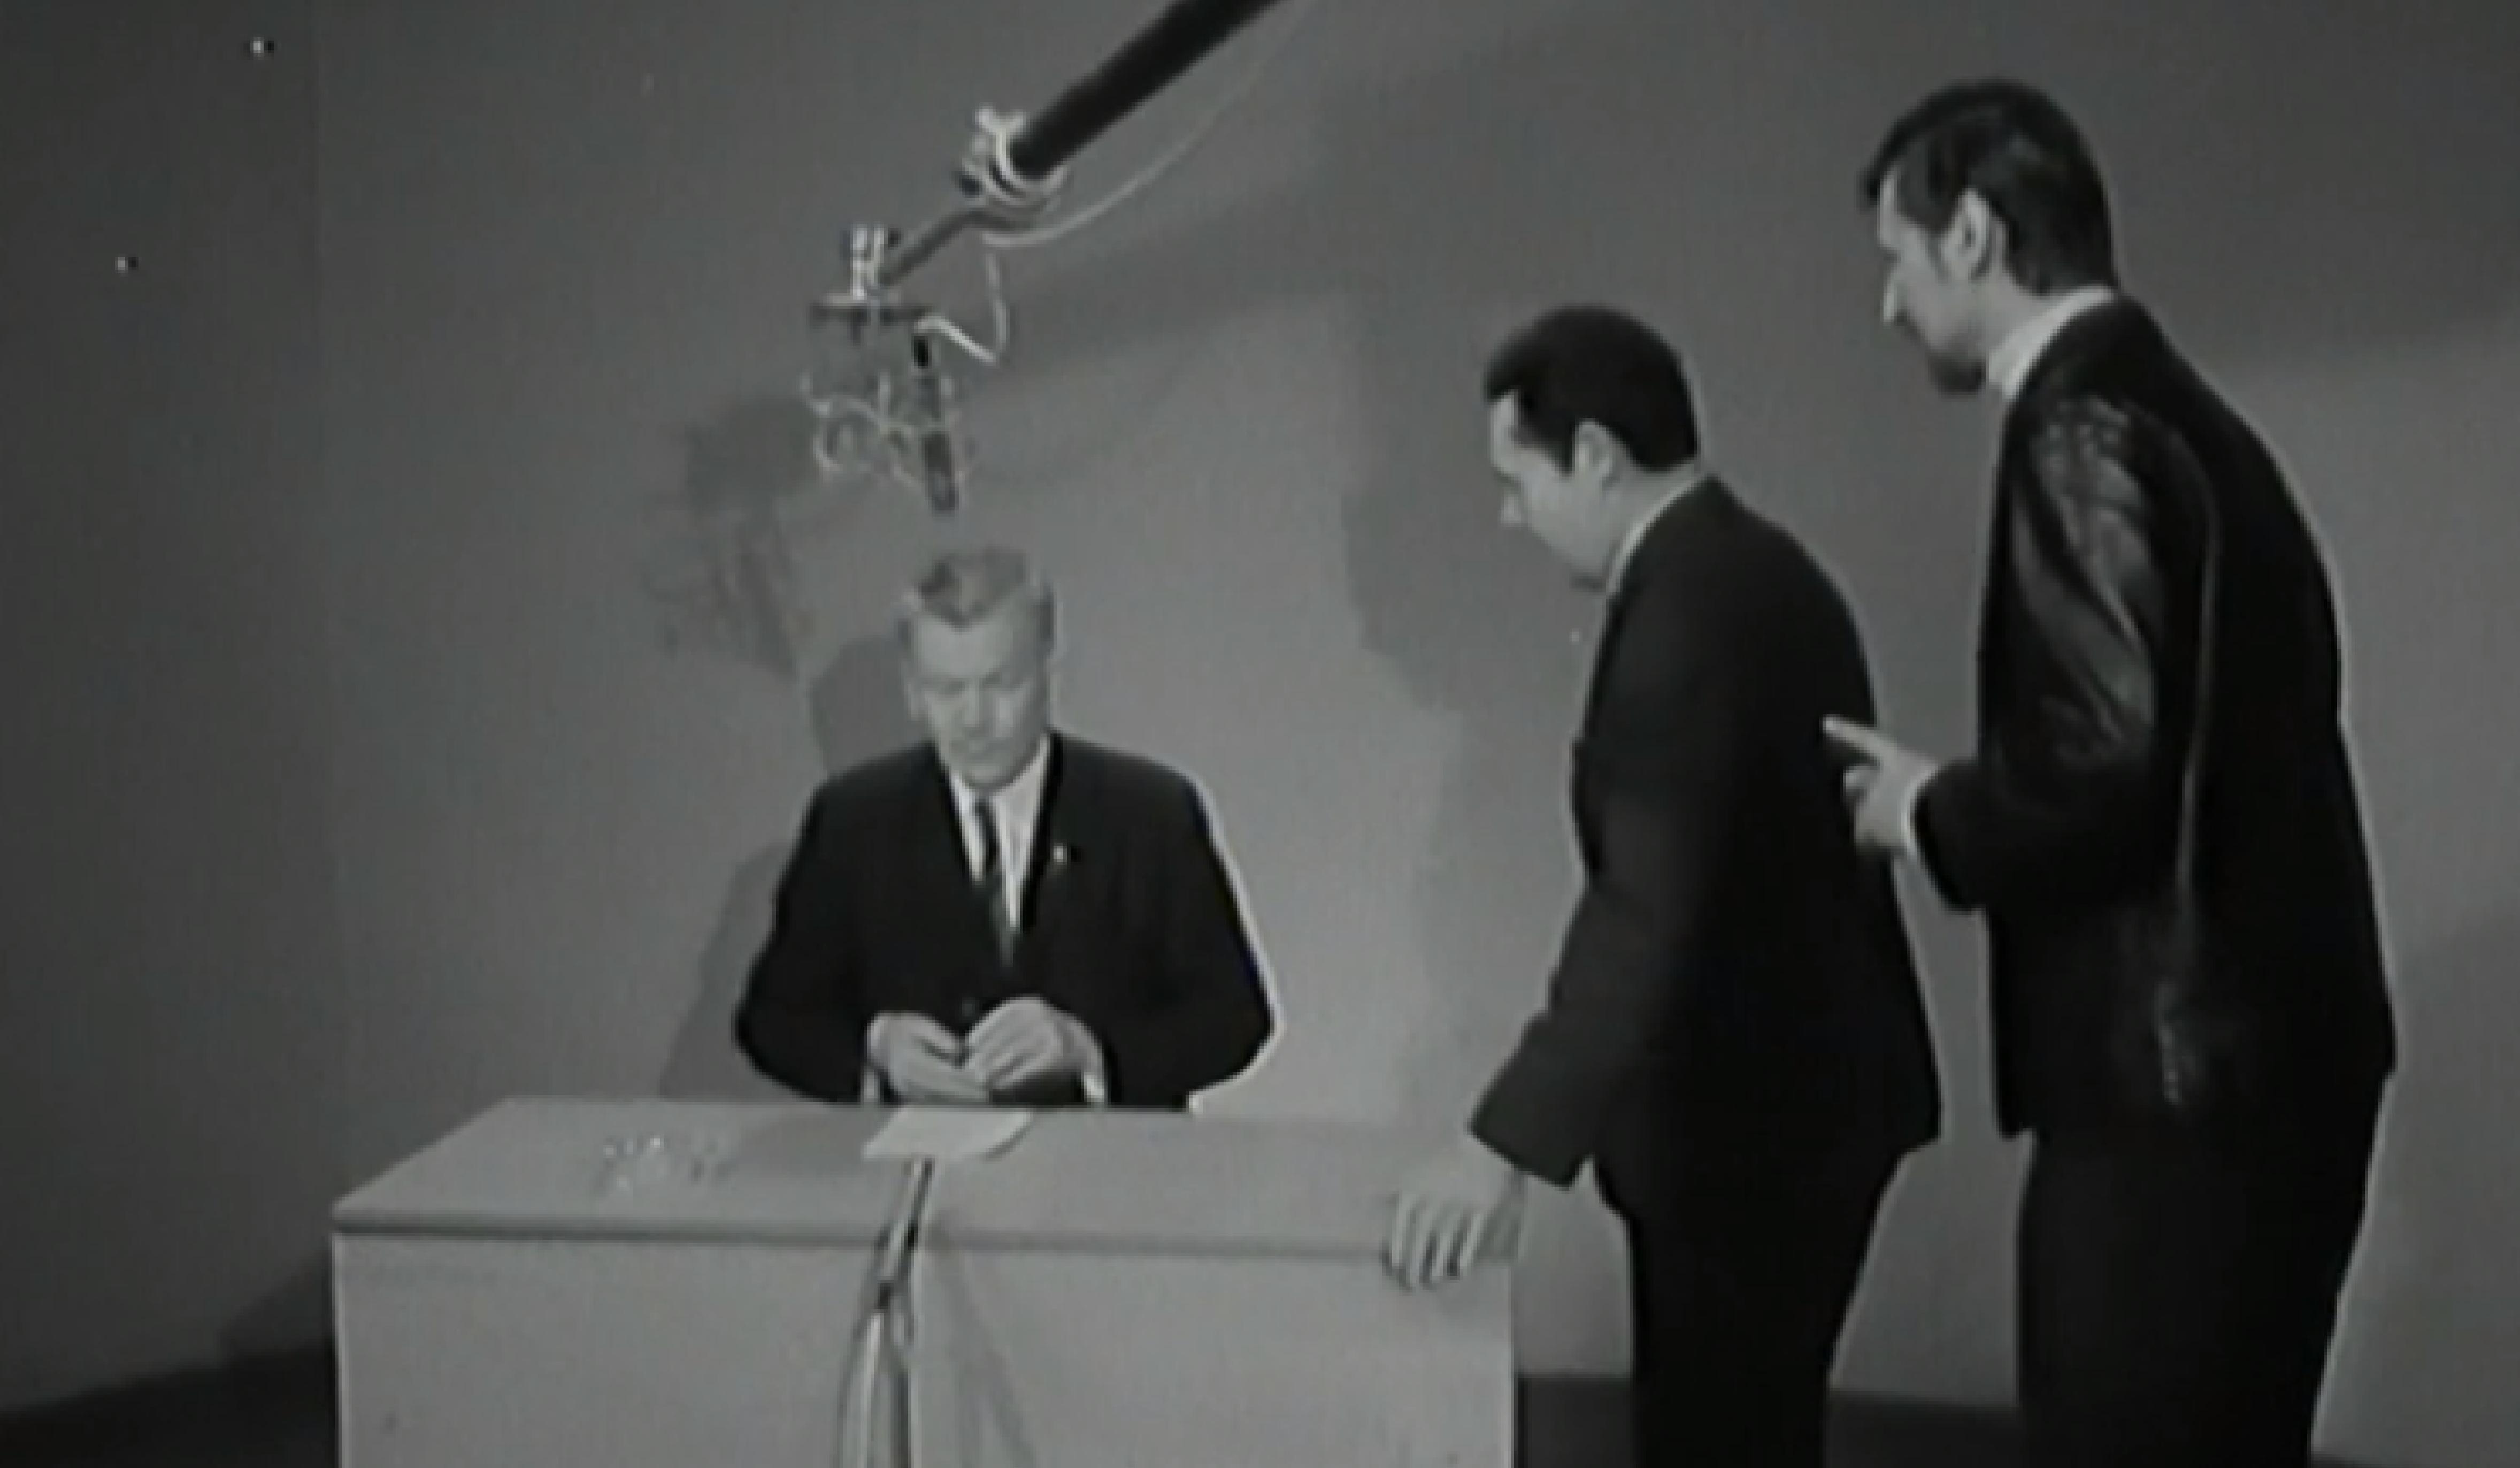 Josef Smrkovský vysvětluje 5. ledna 1969 v televizi, že je třeba hledat klidná řešení. (ČT)